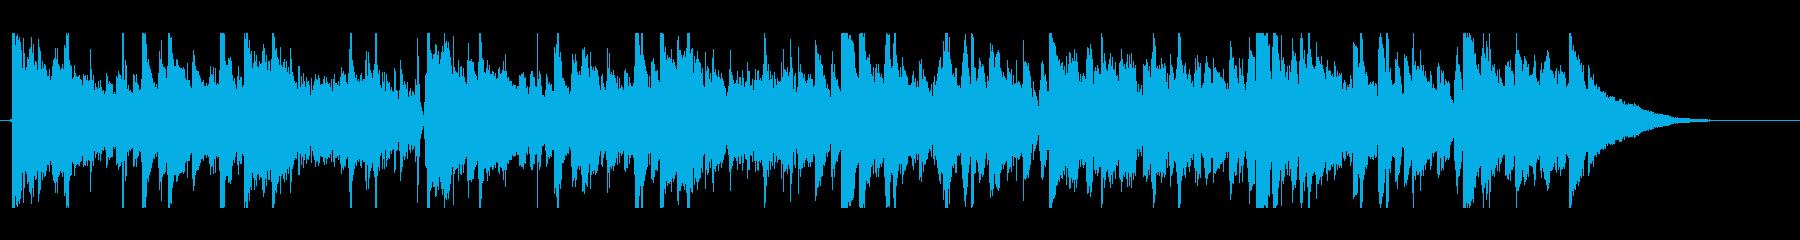 生録音アコギのエレクトロニカ系トラックの再生済みの波形